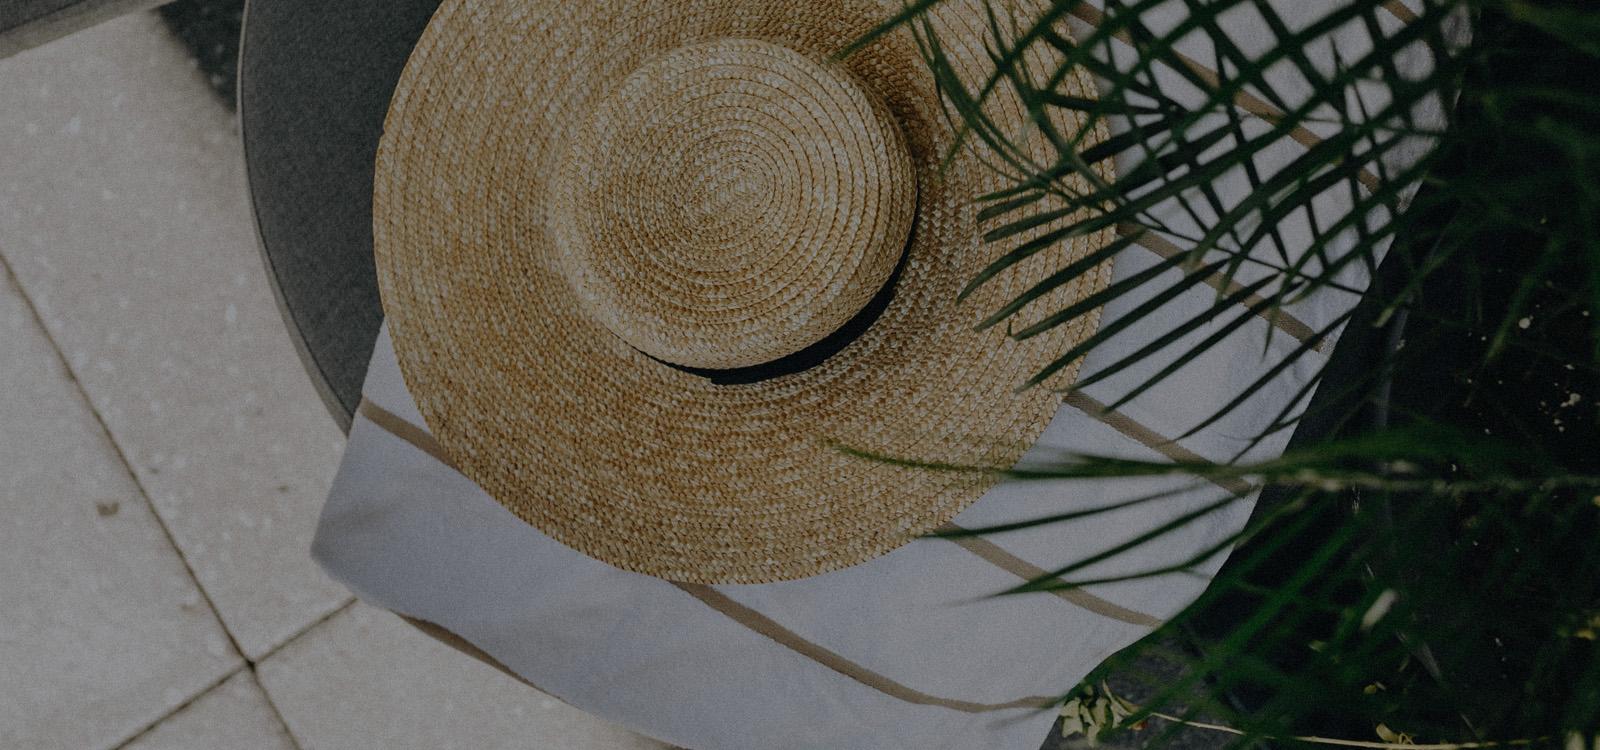 un chapeau de paille posé sur une serviette